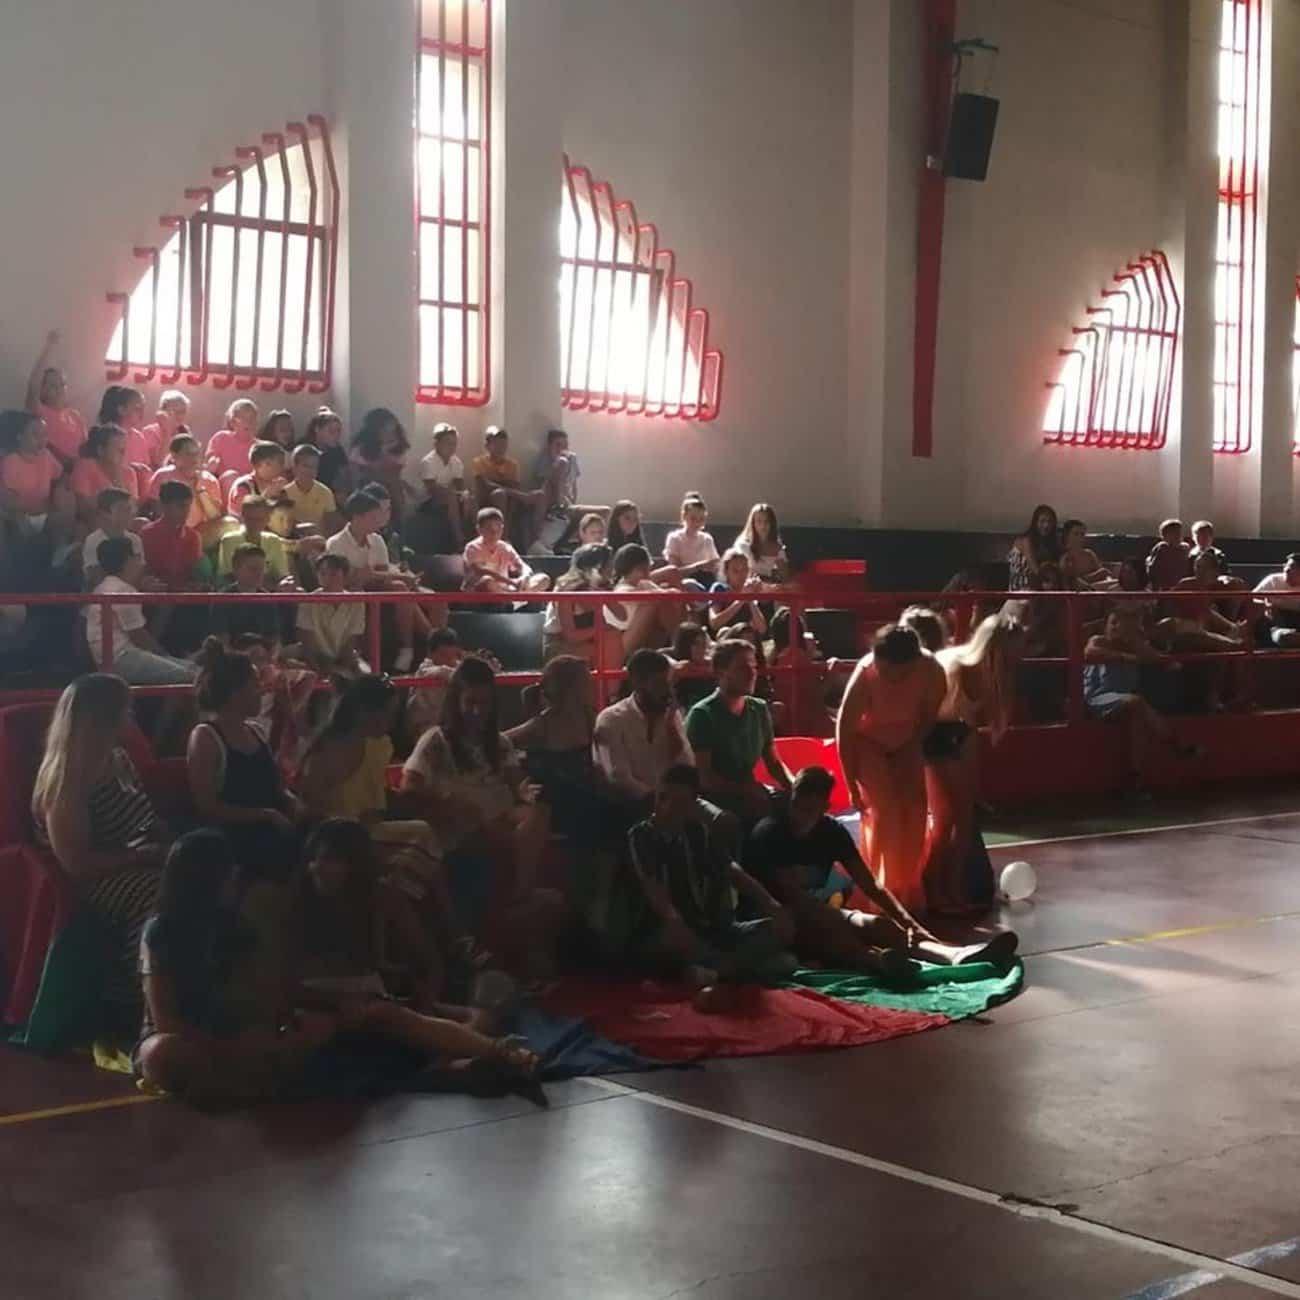 clausura escuela verano herencia 7 - Clausura de la Escuela de Verano 2019 en Herencia